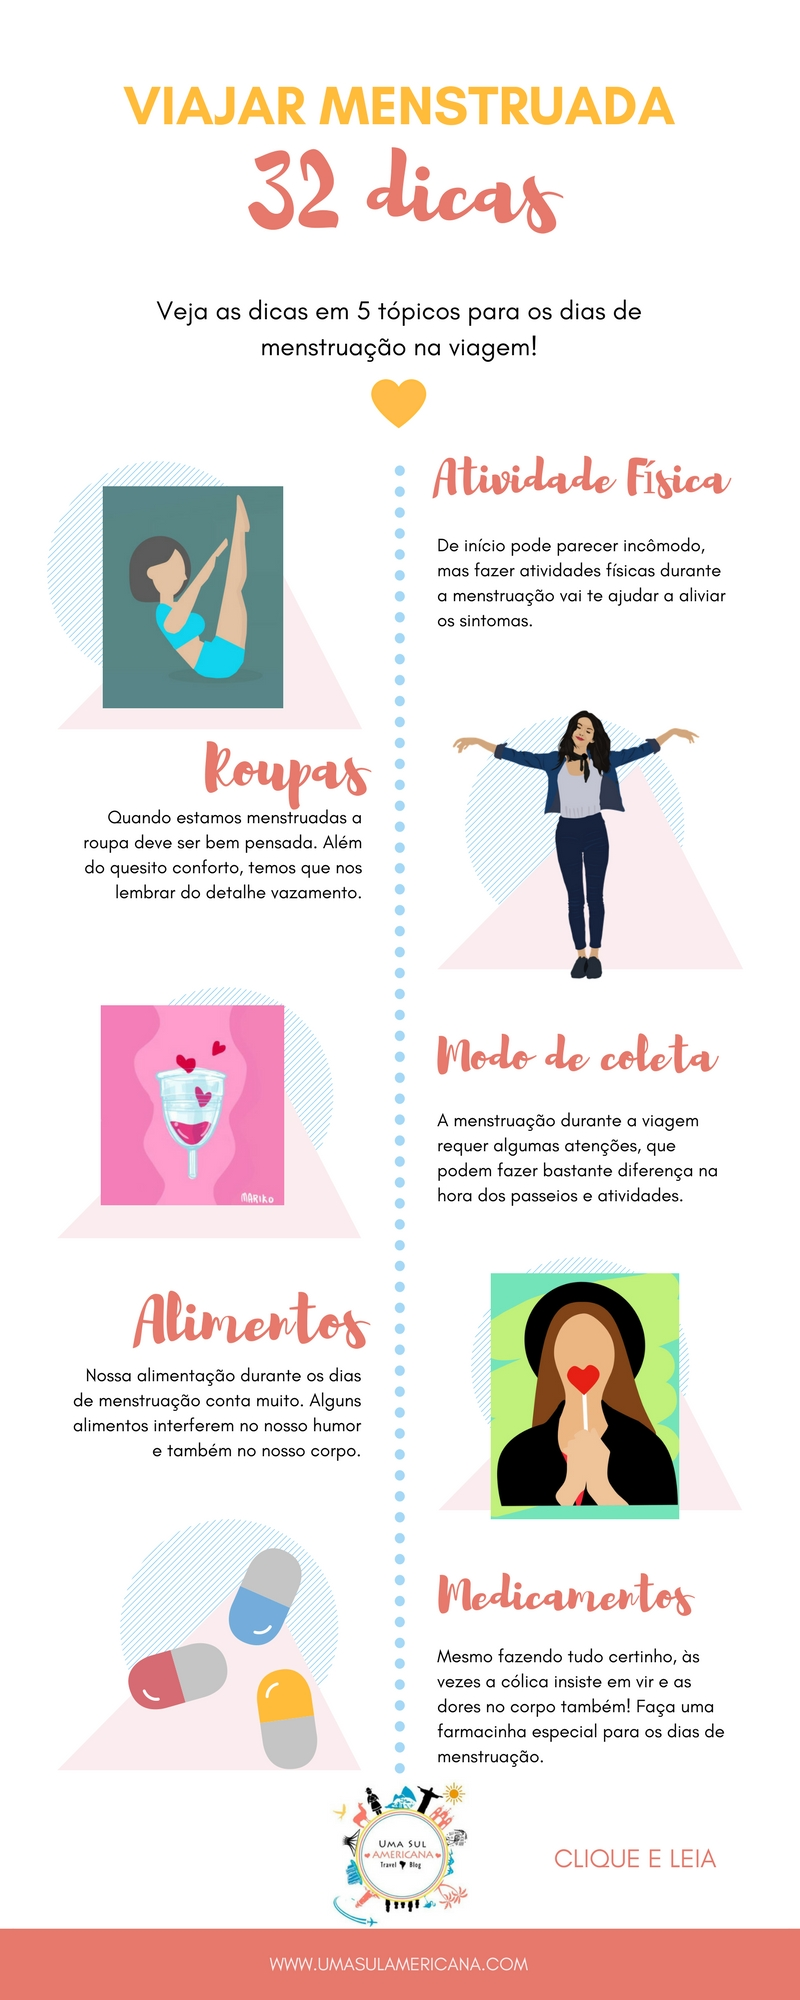 32 dicas para os dias de menstruação na viagem em 5 tópicos. Clique e veja as dicas para você viajar menstruada com tranquilidade! #dicas #women #traveller #tips #menstrual